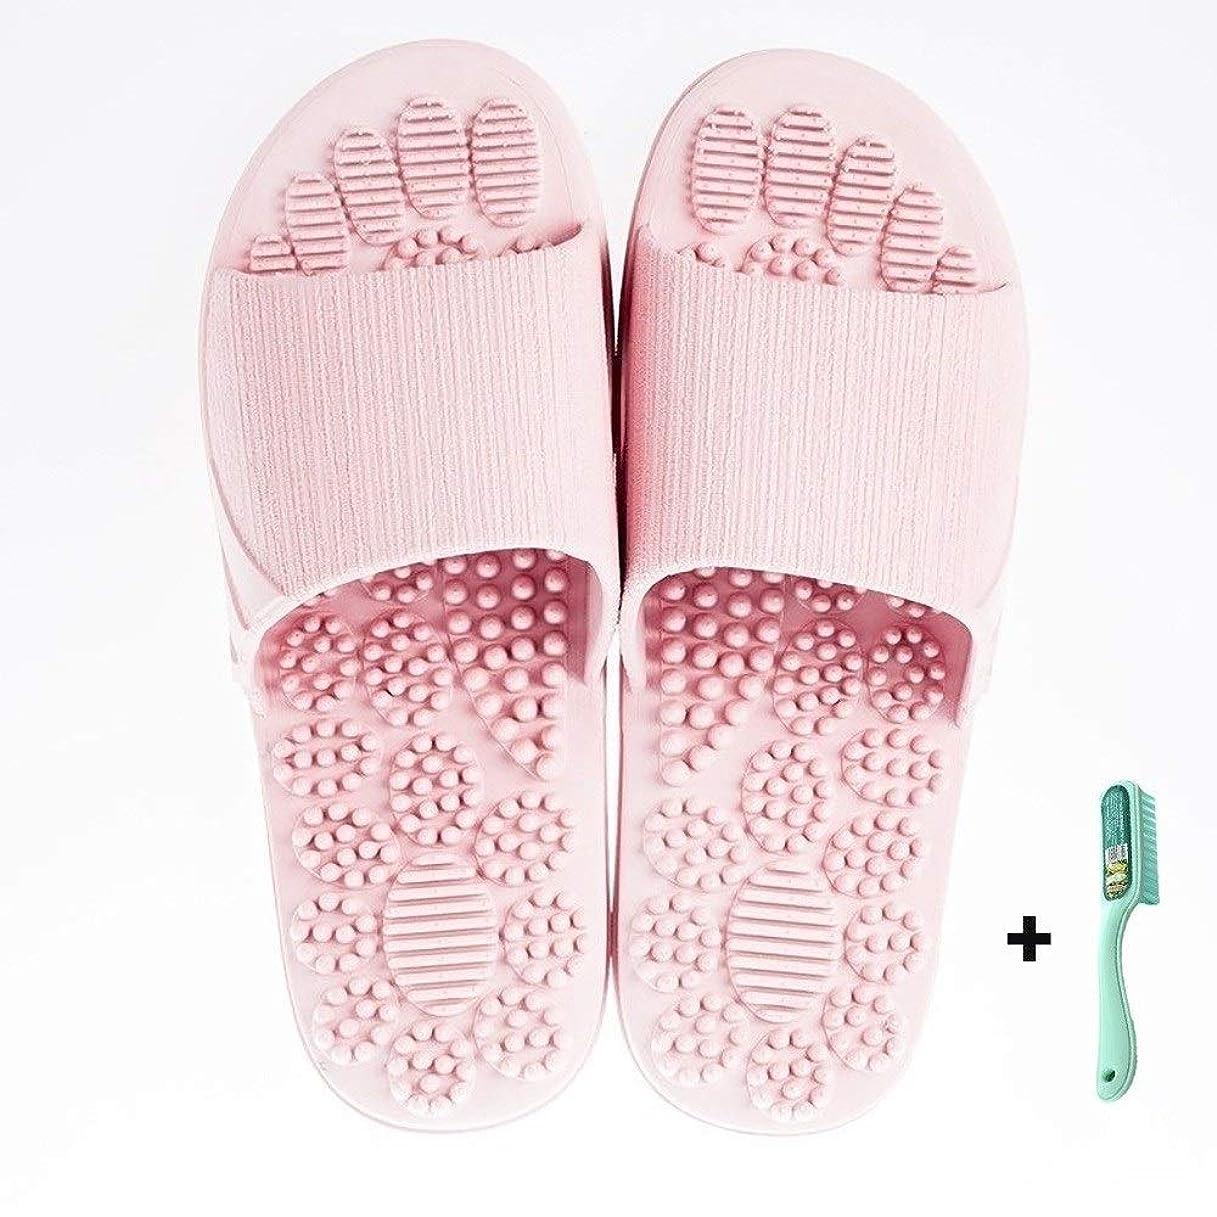 マッシュ古くなったミッション2019新型スリッパ、室内バスルームのスリッパ、足のマッサージ滑り止めの柔らかいプラスチック夏季のスリッパ、足つぼ、スリッパ (Pink, 40-41)